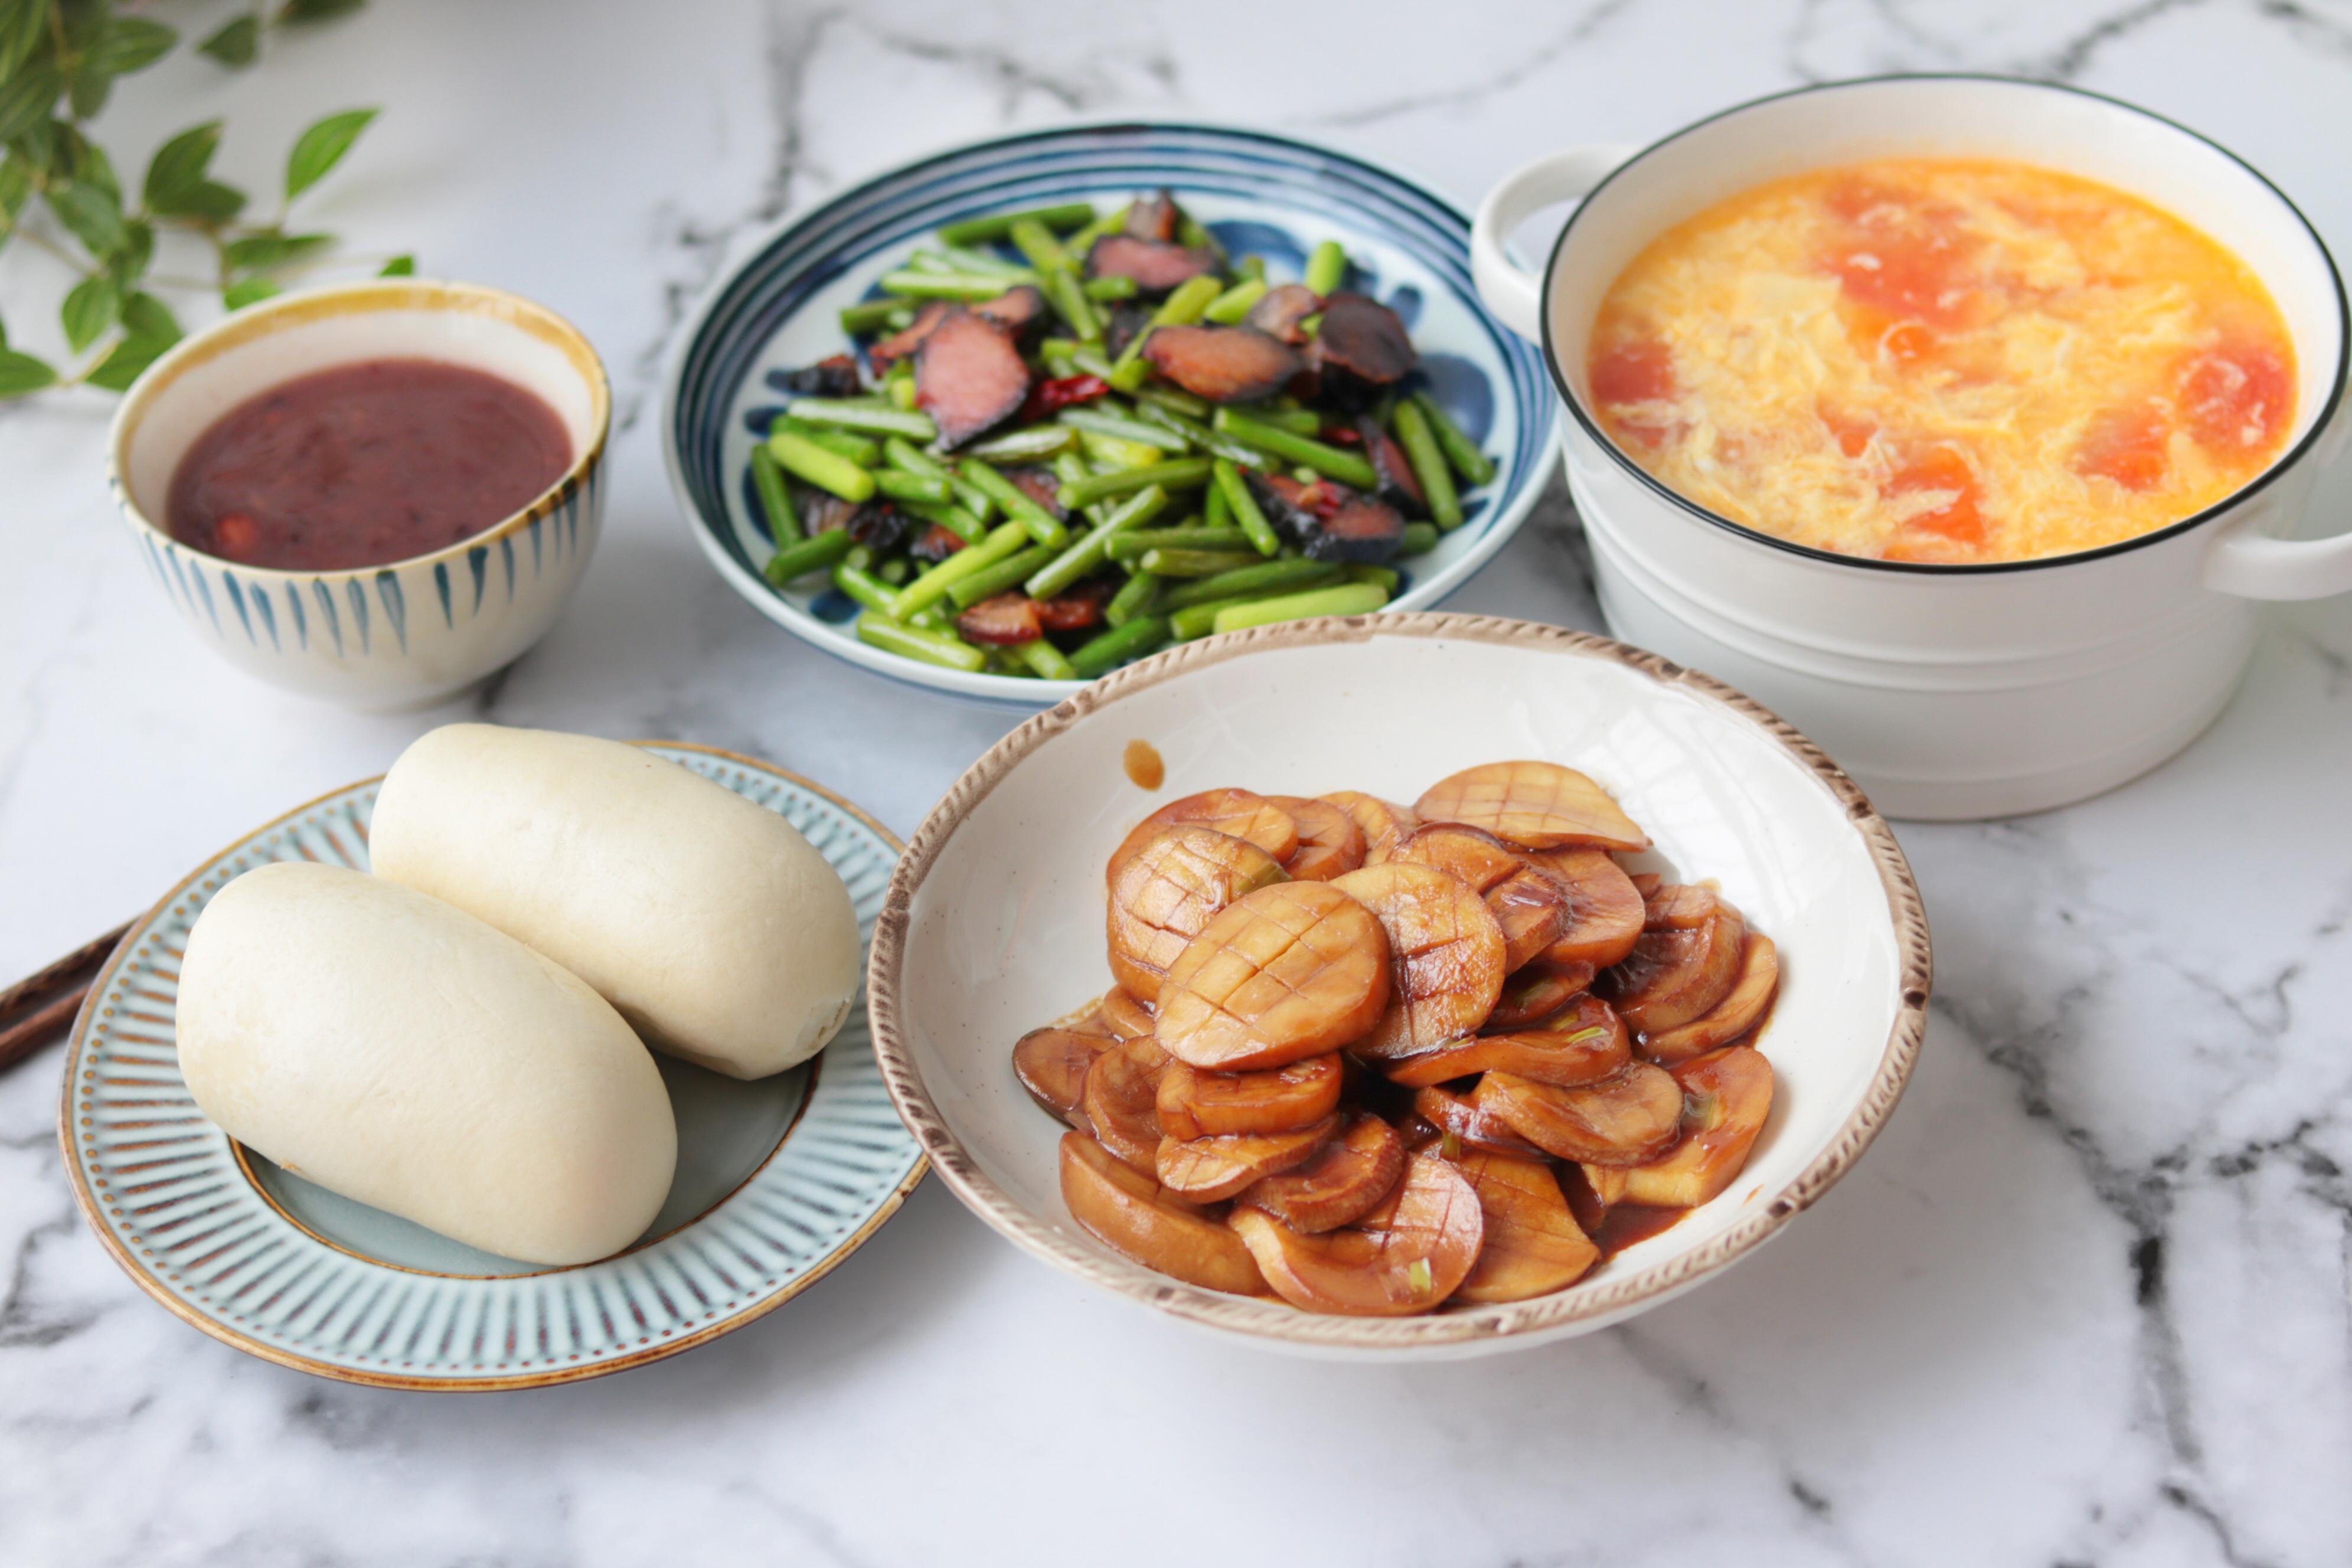 周末晚餐,虽然简单,两个人吃还是不错的,家常菜营养可口,很和家人口味